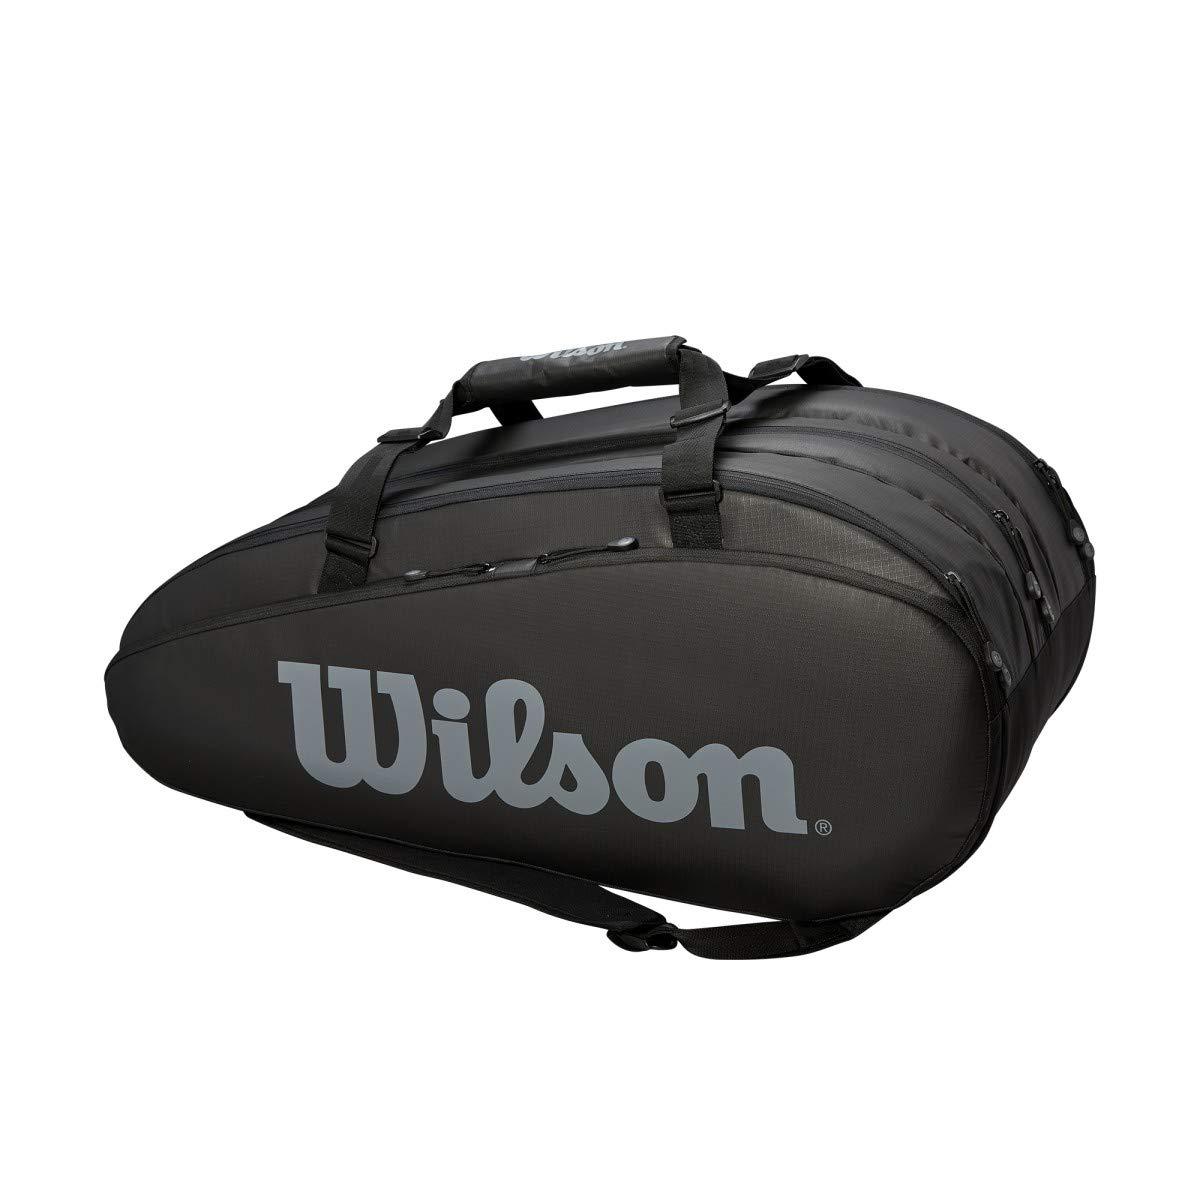 【新作からSALEアイテム等お得な商品満載】 Wilson(ウイルソン) テニス バドミントン ラケットバッグ TOUR TOUR 3 3 COMP(ツアー3コンプ) B07KRJHR29 ラケット15本収納可能 WRZ849315 ブラック/グレー B07KRJHR29, ジーニングハウス JACK本店:06ddd0ef --- svecha37.ru